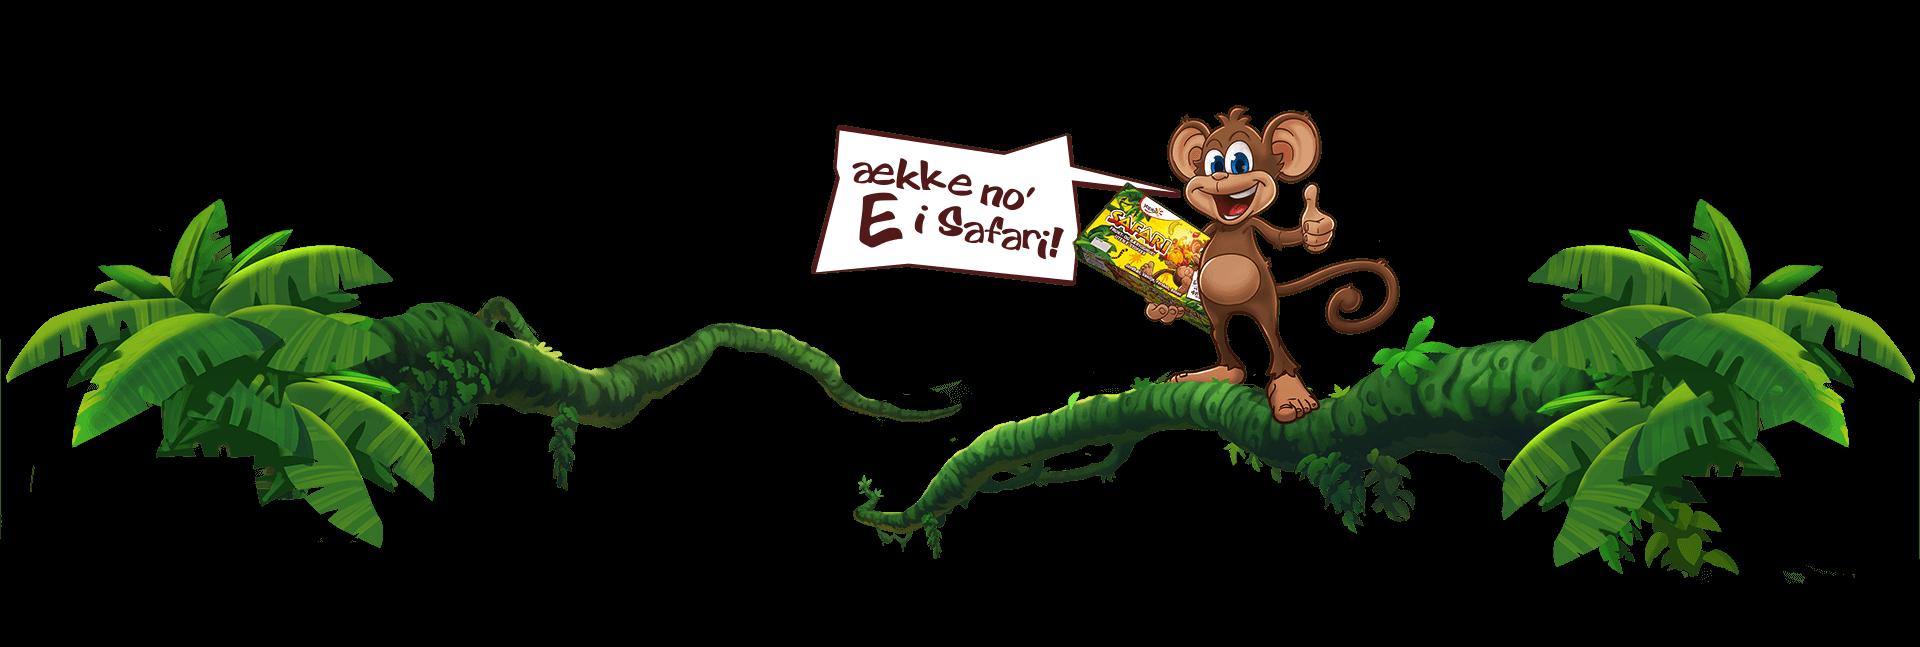 Ape sier det ække no' E i Safari!